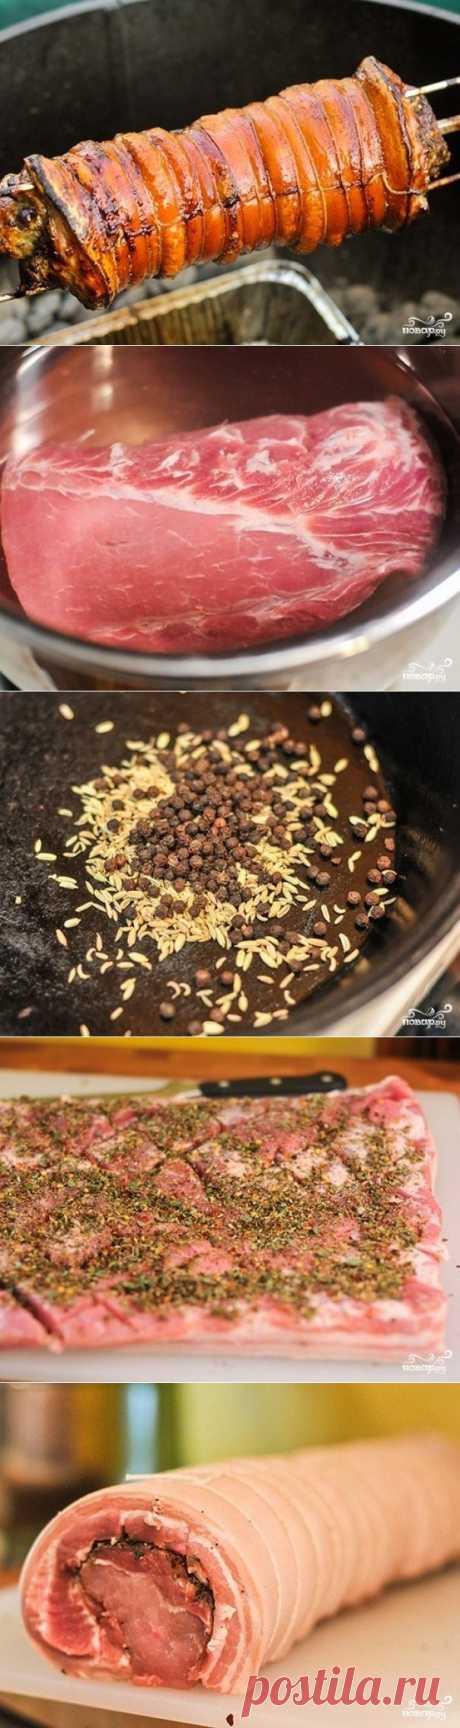 Поркетта - сочный мясной рулет для пикника!.